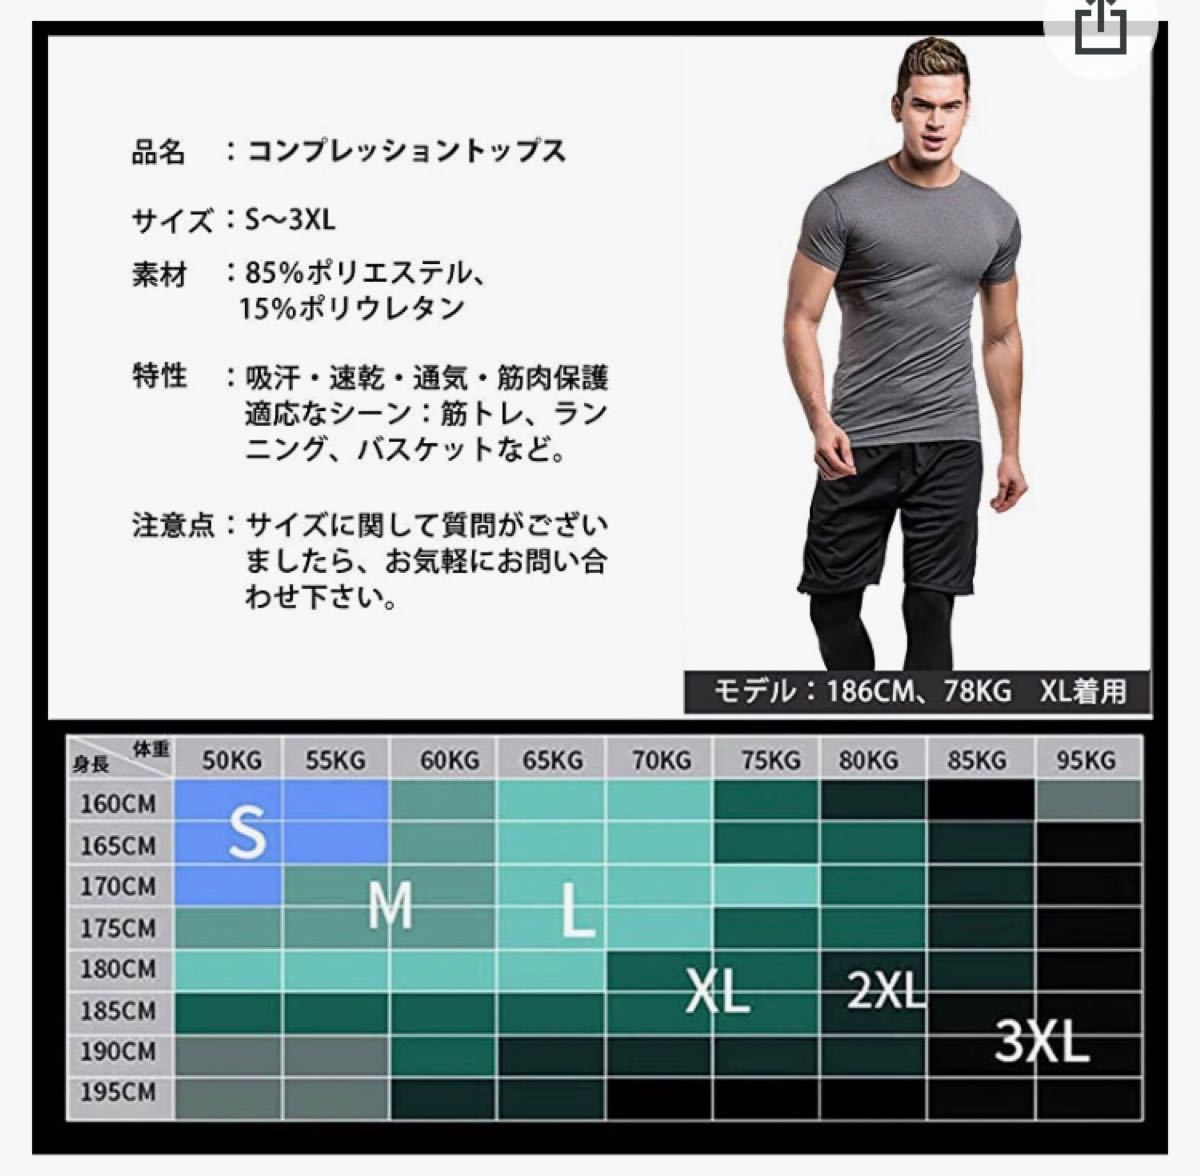 コンプレッション ウェア メンズ 半袖 パワーストレッチ アンダー スポーツ シャツ [UVカット + 吸汗速乾]